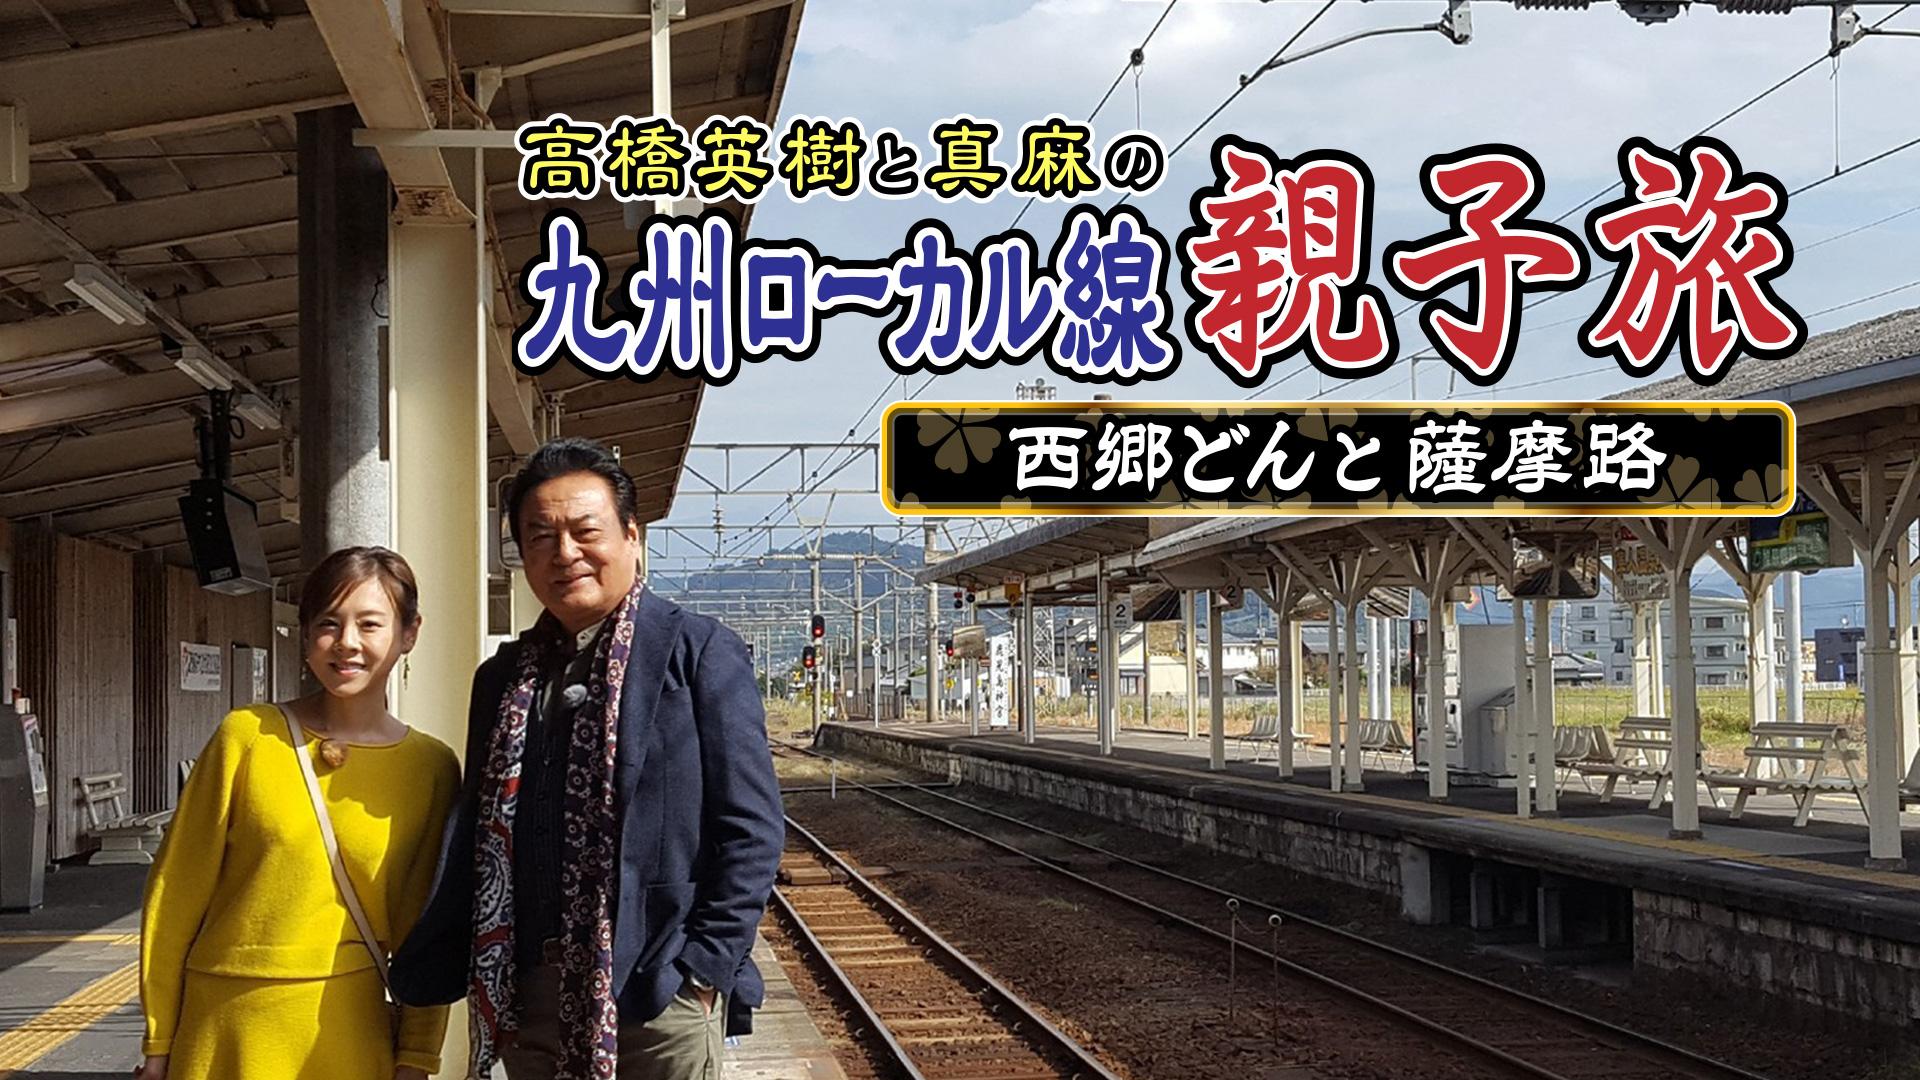 高橋英樹と真麻の九州ローカル線 親子旅 ~西郷どんと薩摩路~